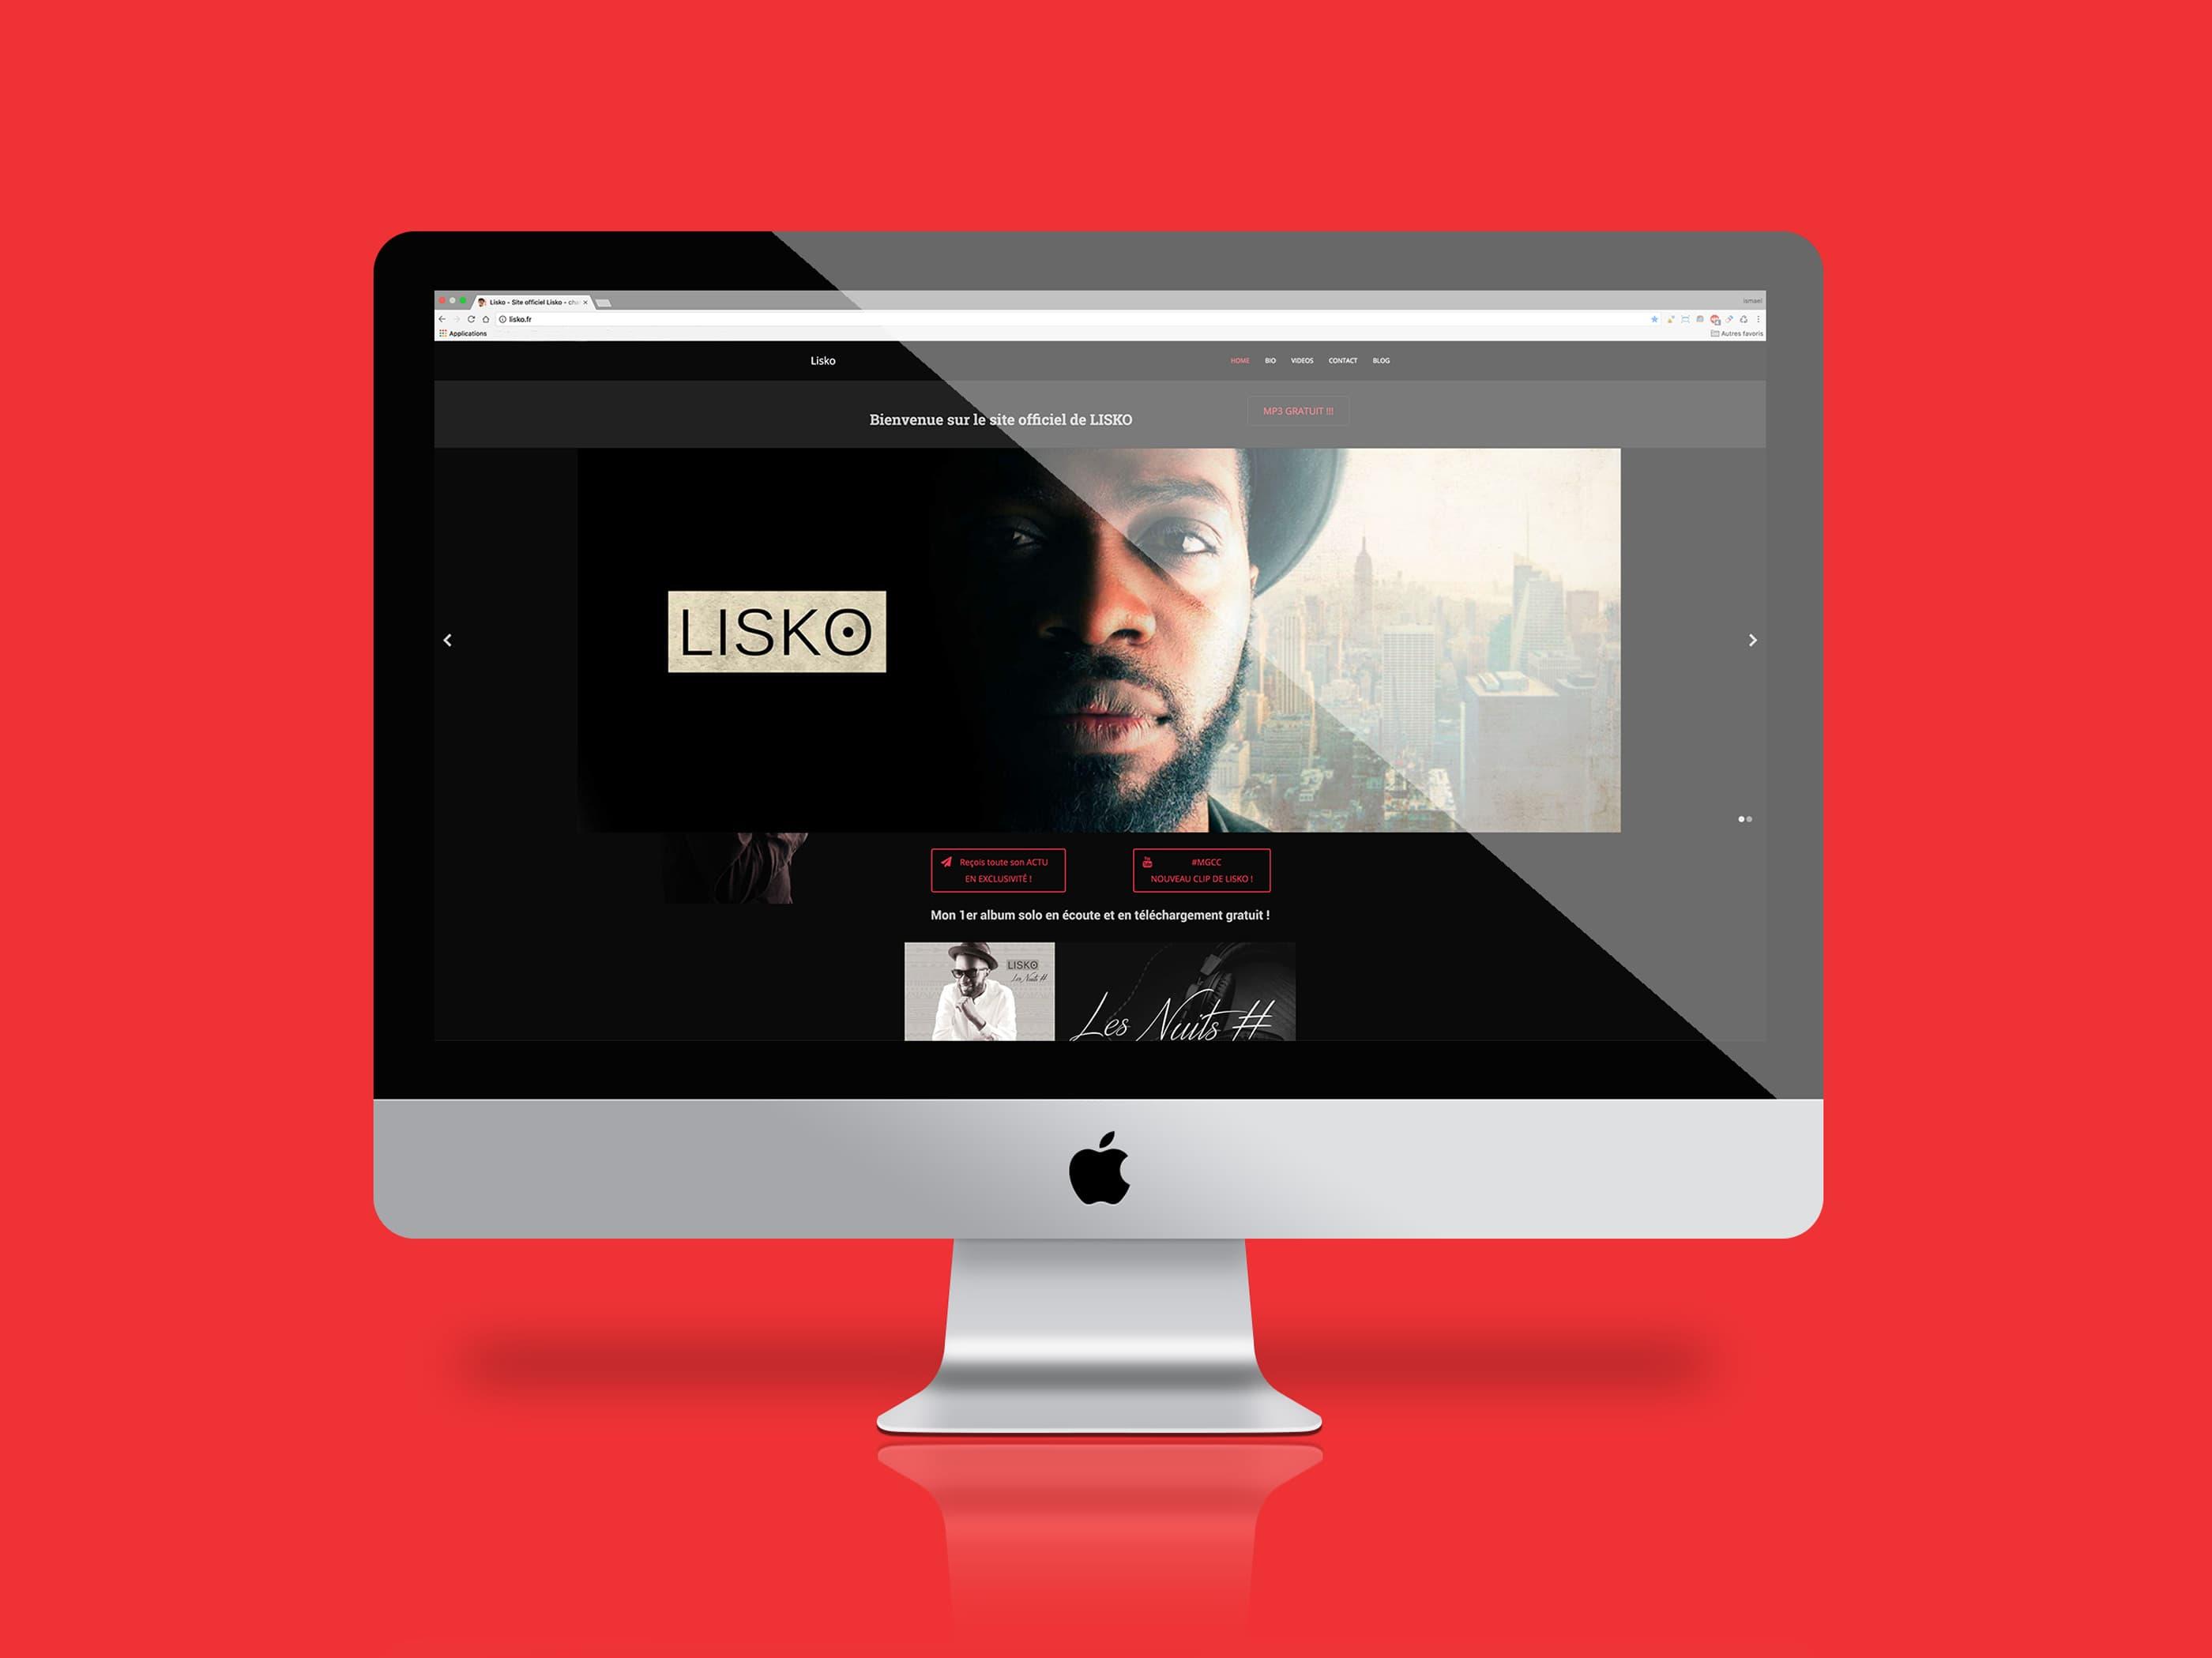 image présentant la premiere page du site lisko.fr sur l'écran d'un imac